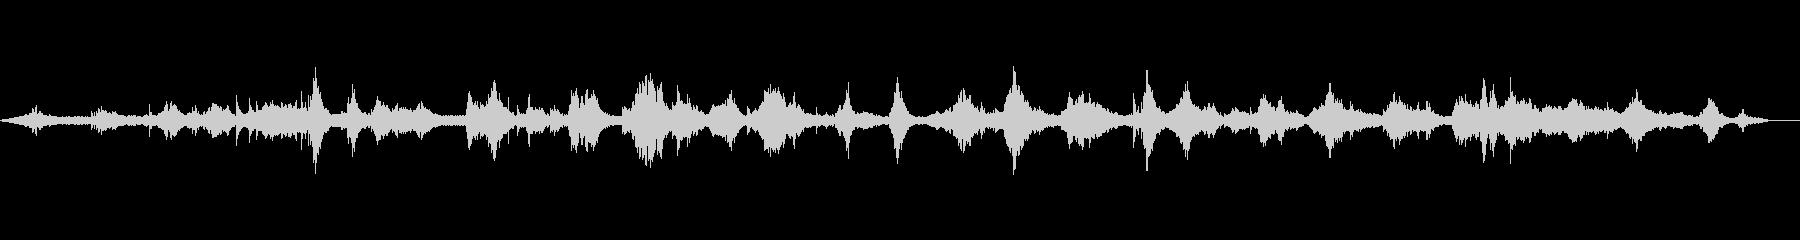 ピアノと尺八の和風ヒーリングミュージックの未再生の波形